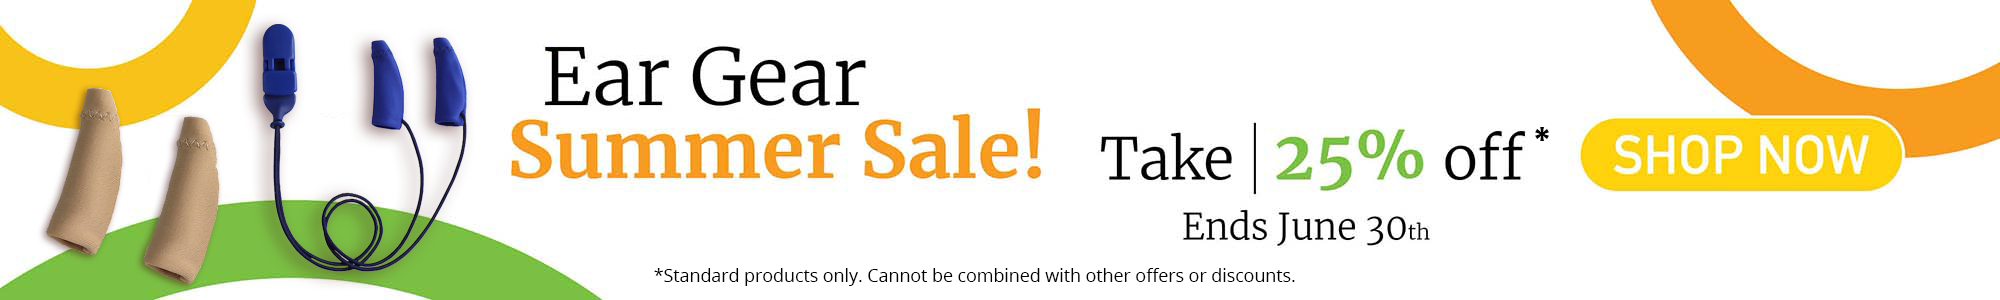 Ear Gear Summer Sale